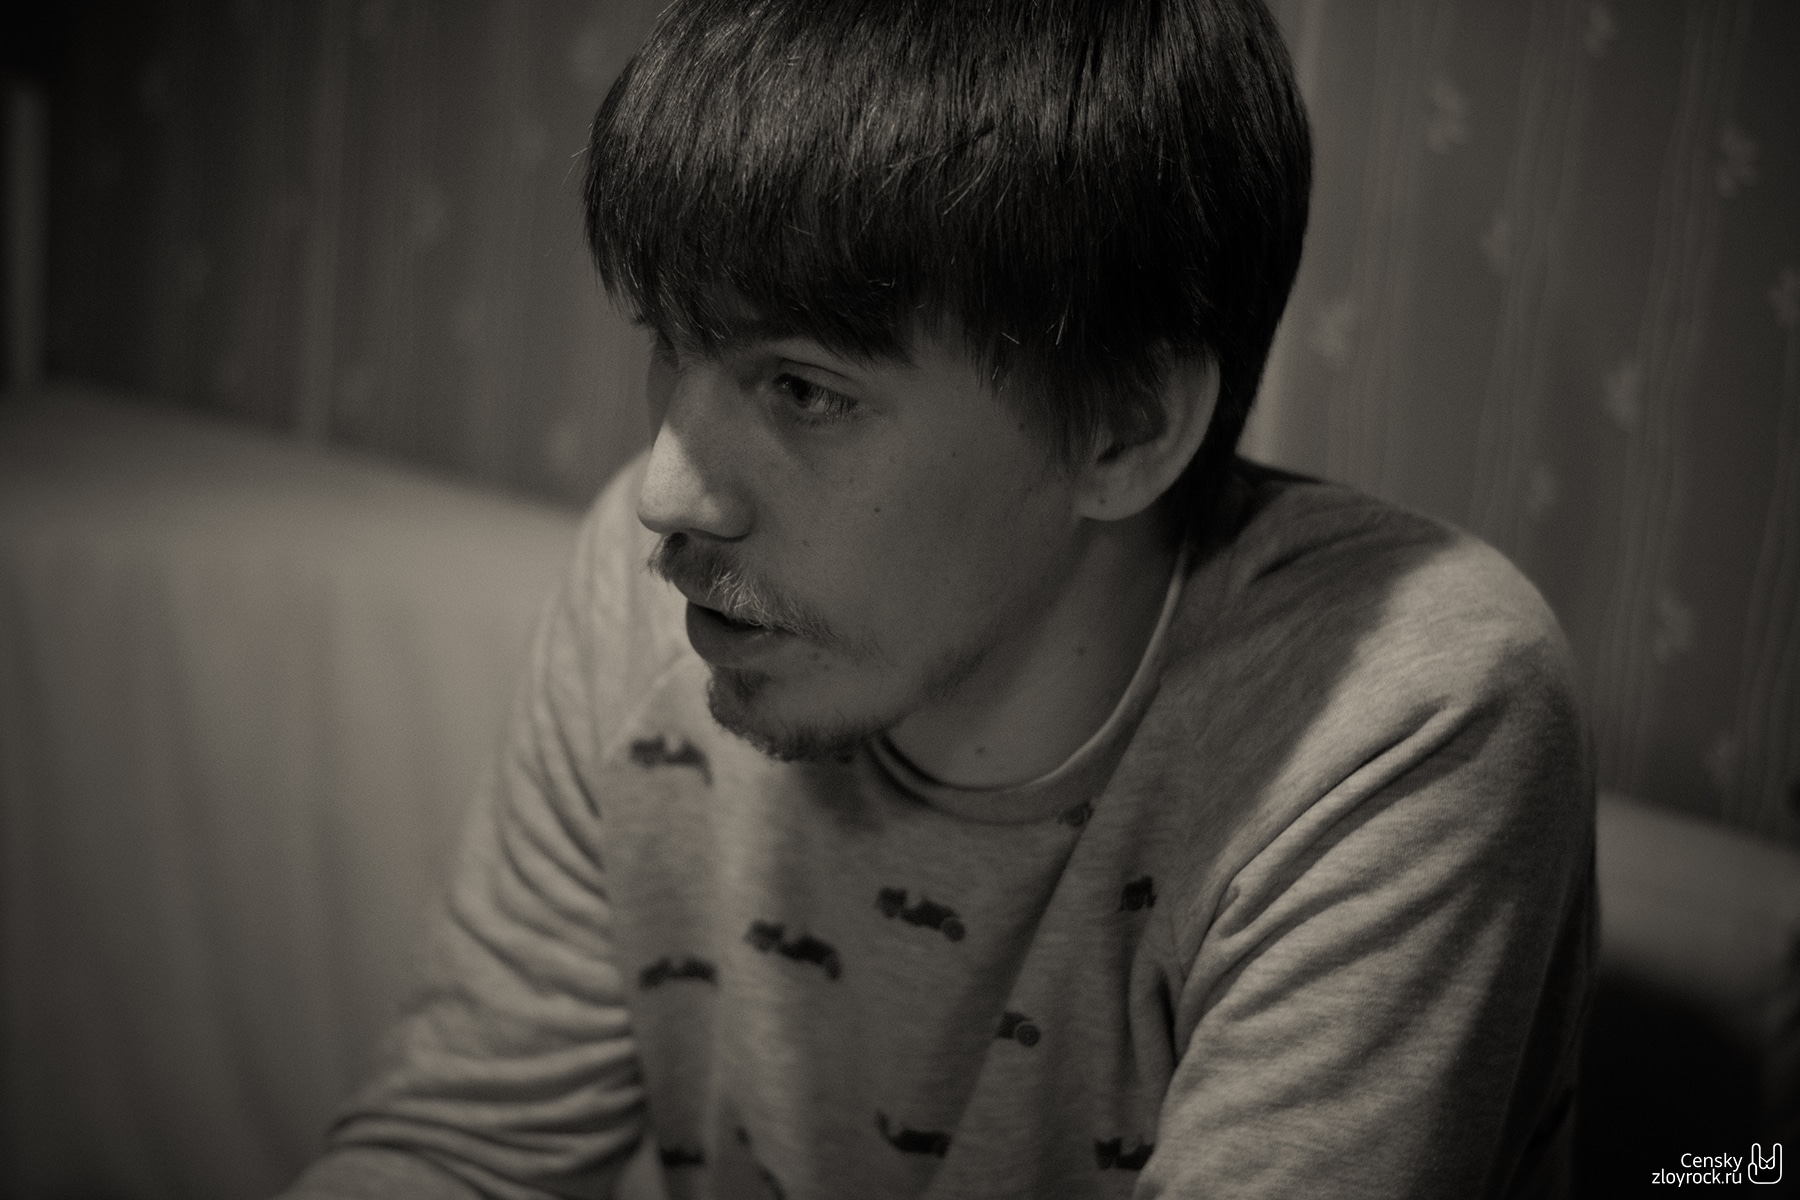 Степан (ЙОП ШОУ): «Люди, которые ассоциируют нас с «Ленинградом», прежде всего демонстрируют, насколько они умны и смекалисты.»